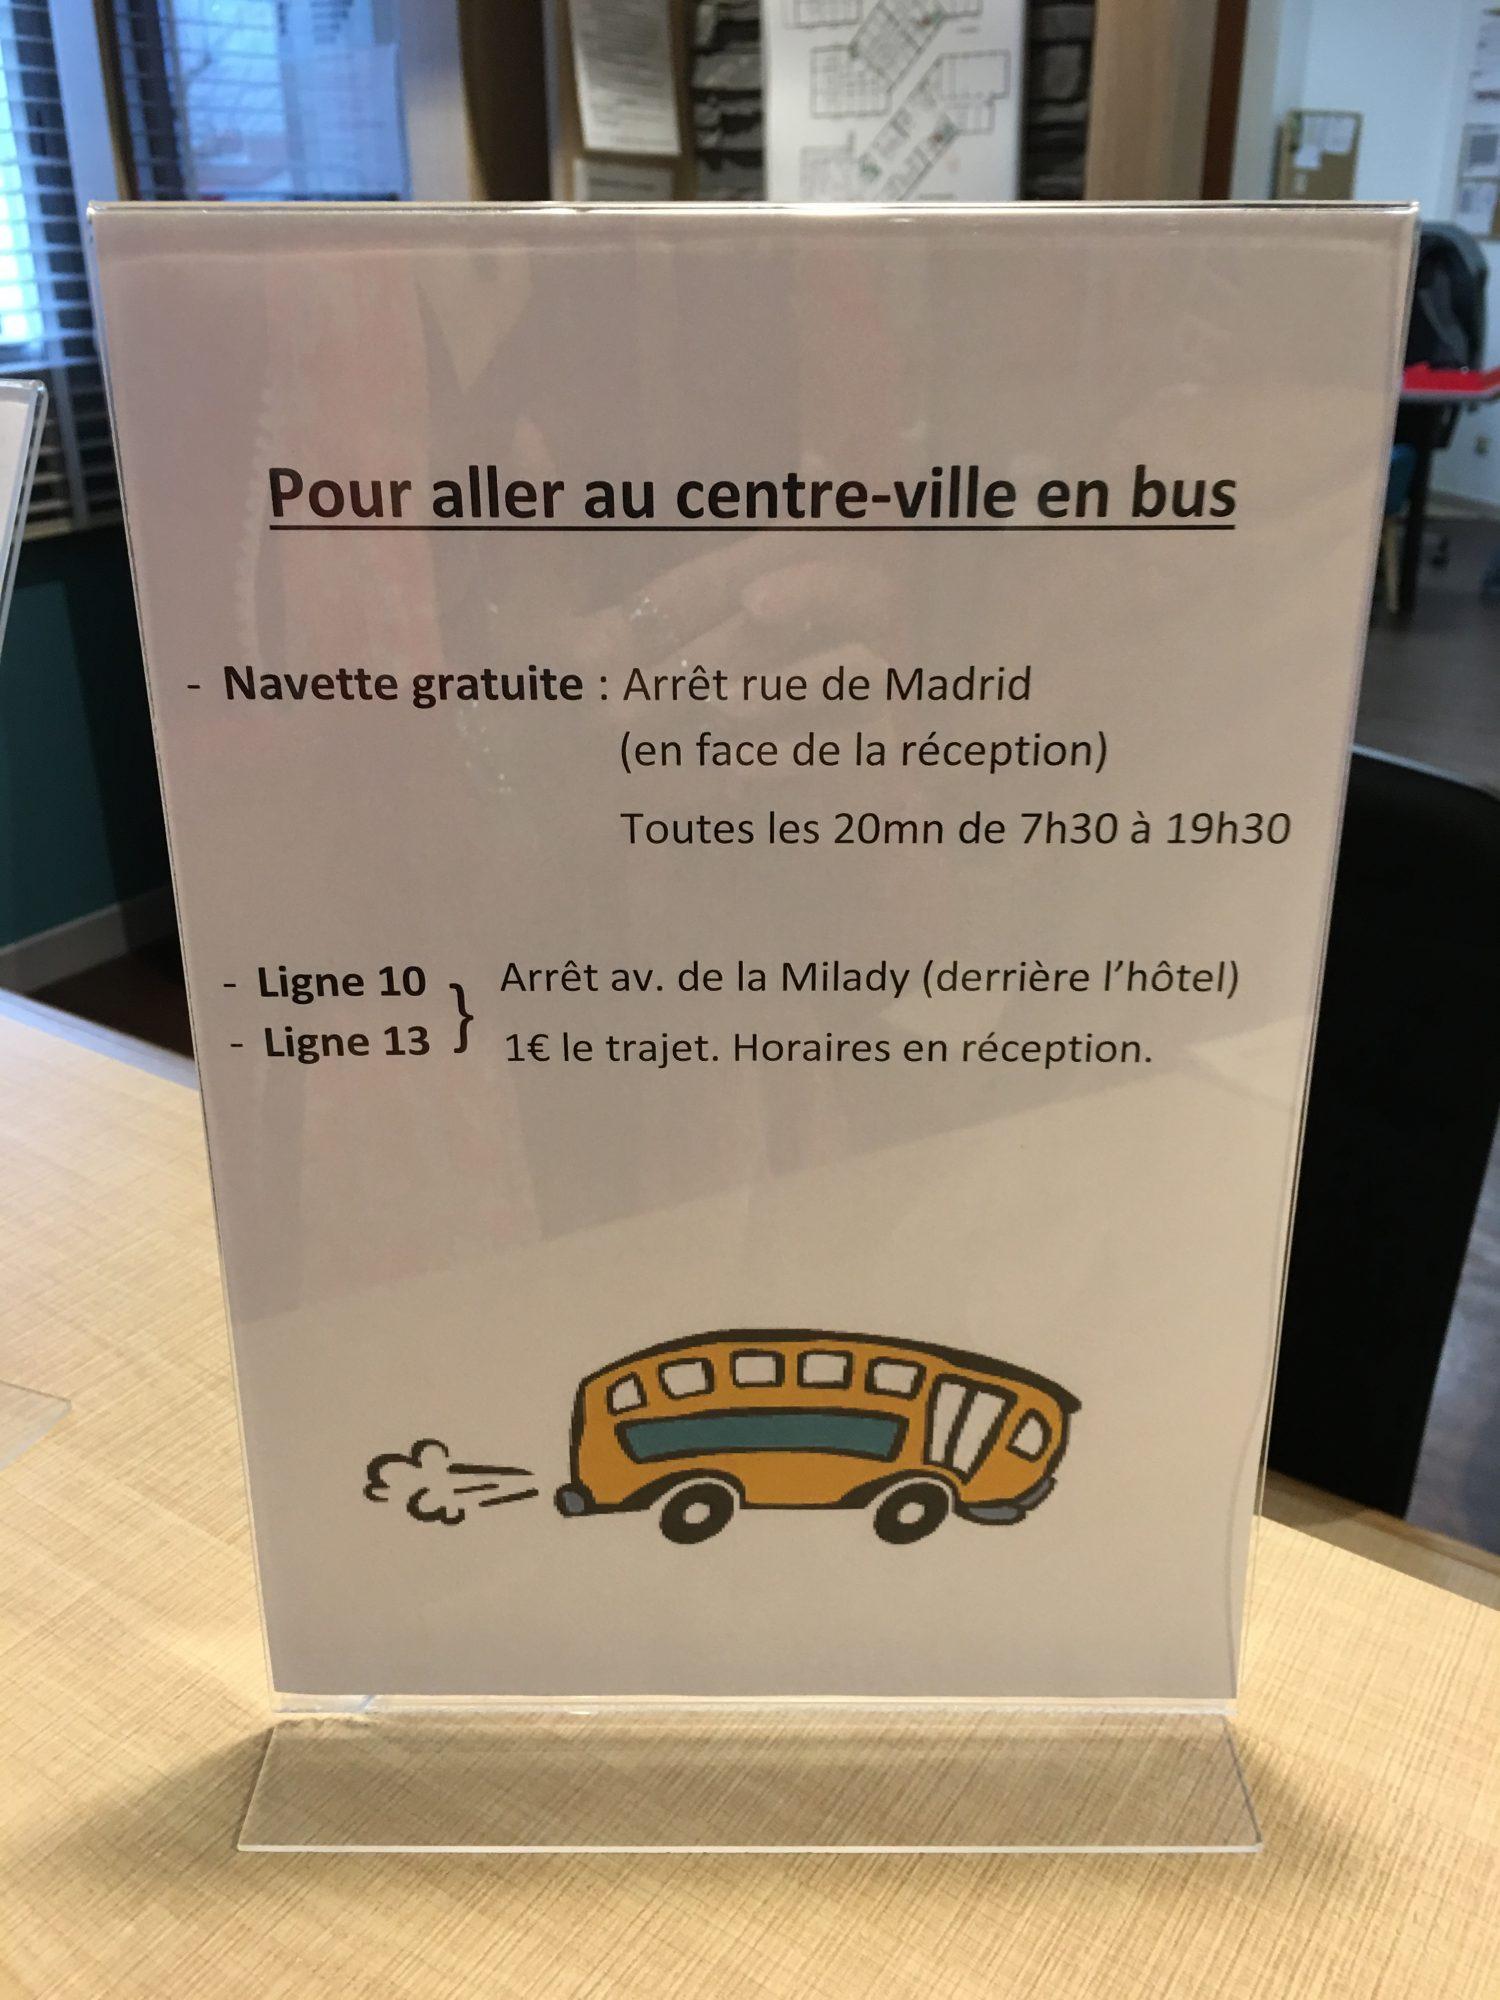 Aufsteller an einer Rezeption beschreibt Busverbindungen in die Stadt in französischer Sprache